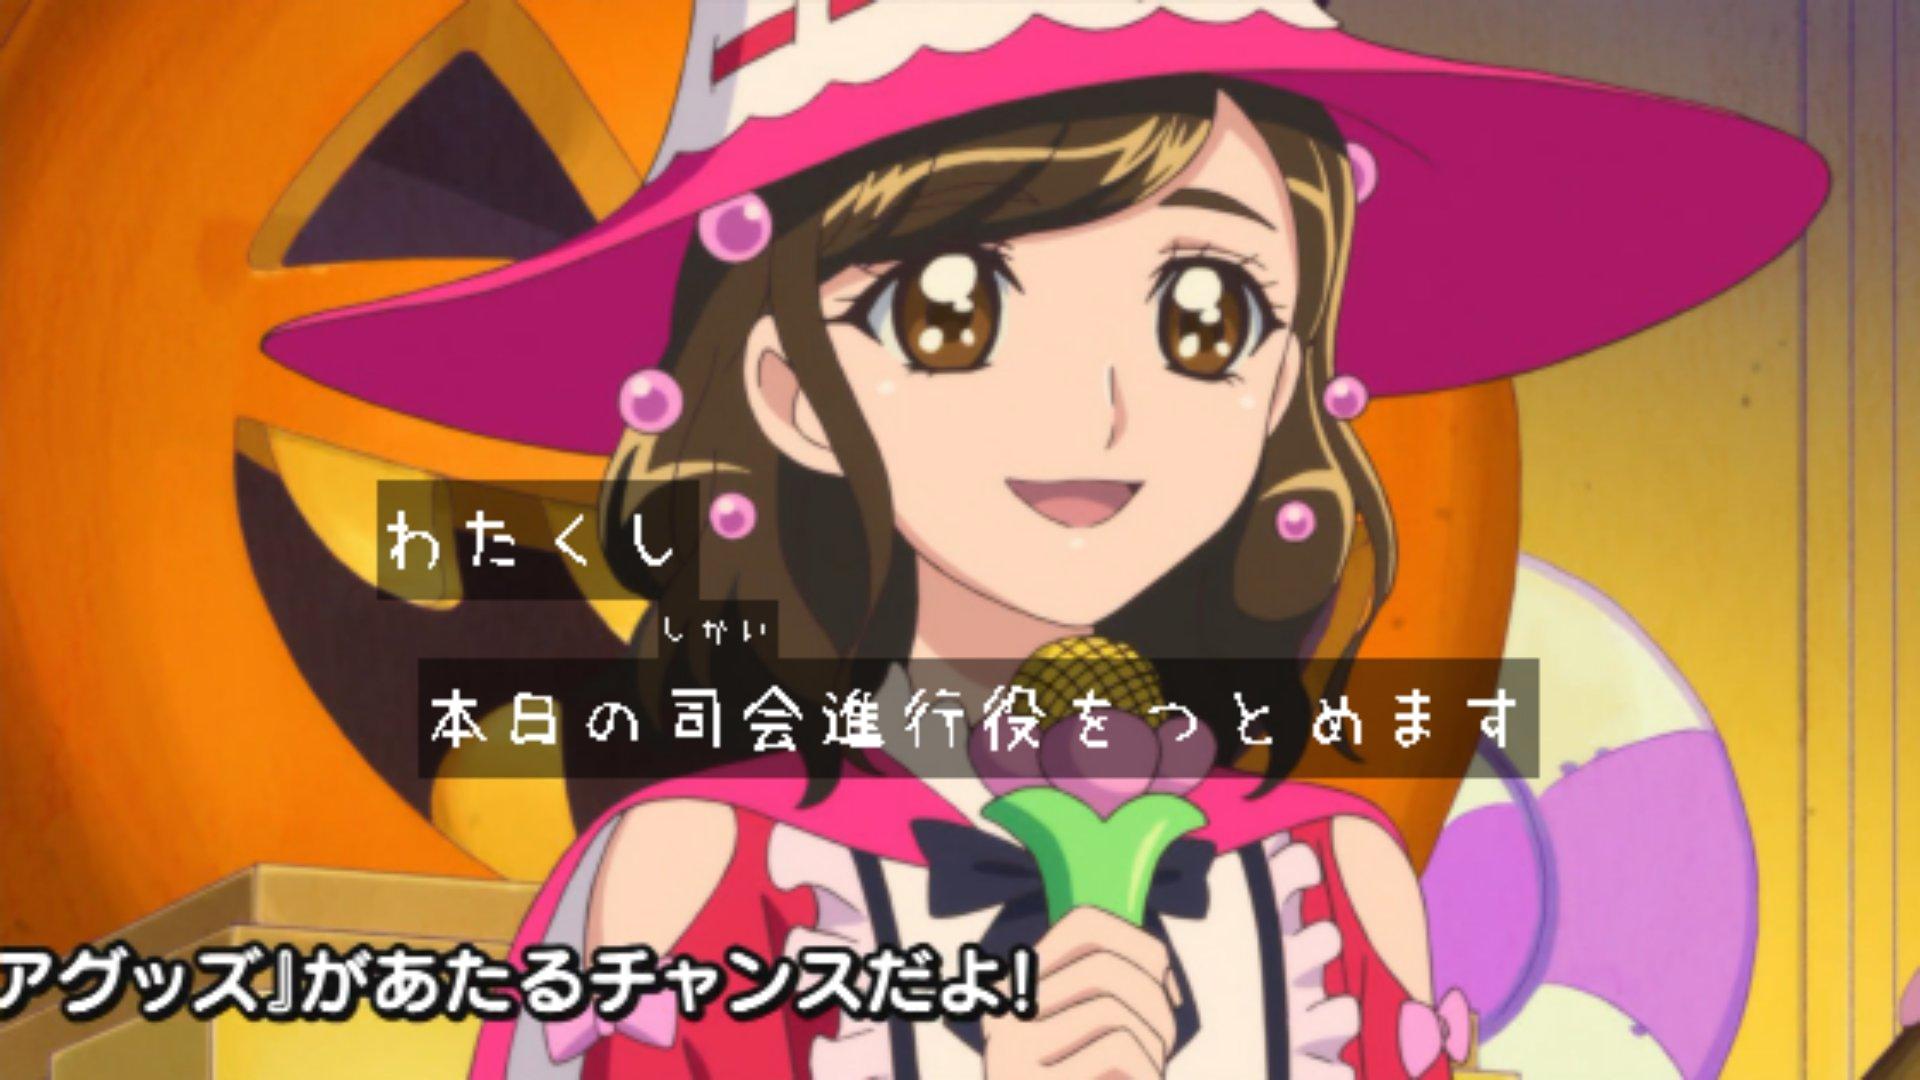 まゆゆ #precure #nitiasa #tvasahi https://t.co/Jmx4mF1Lvu